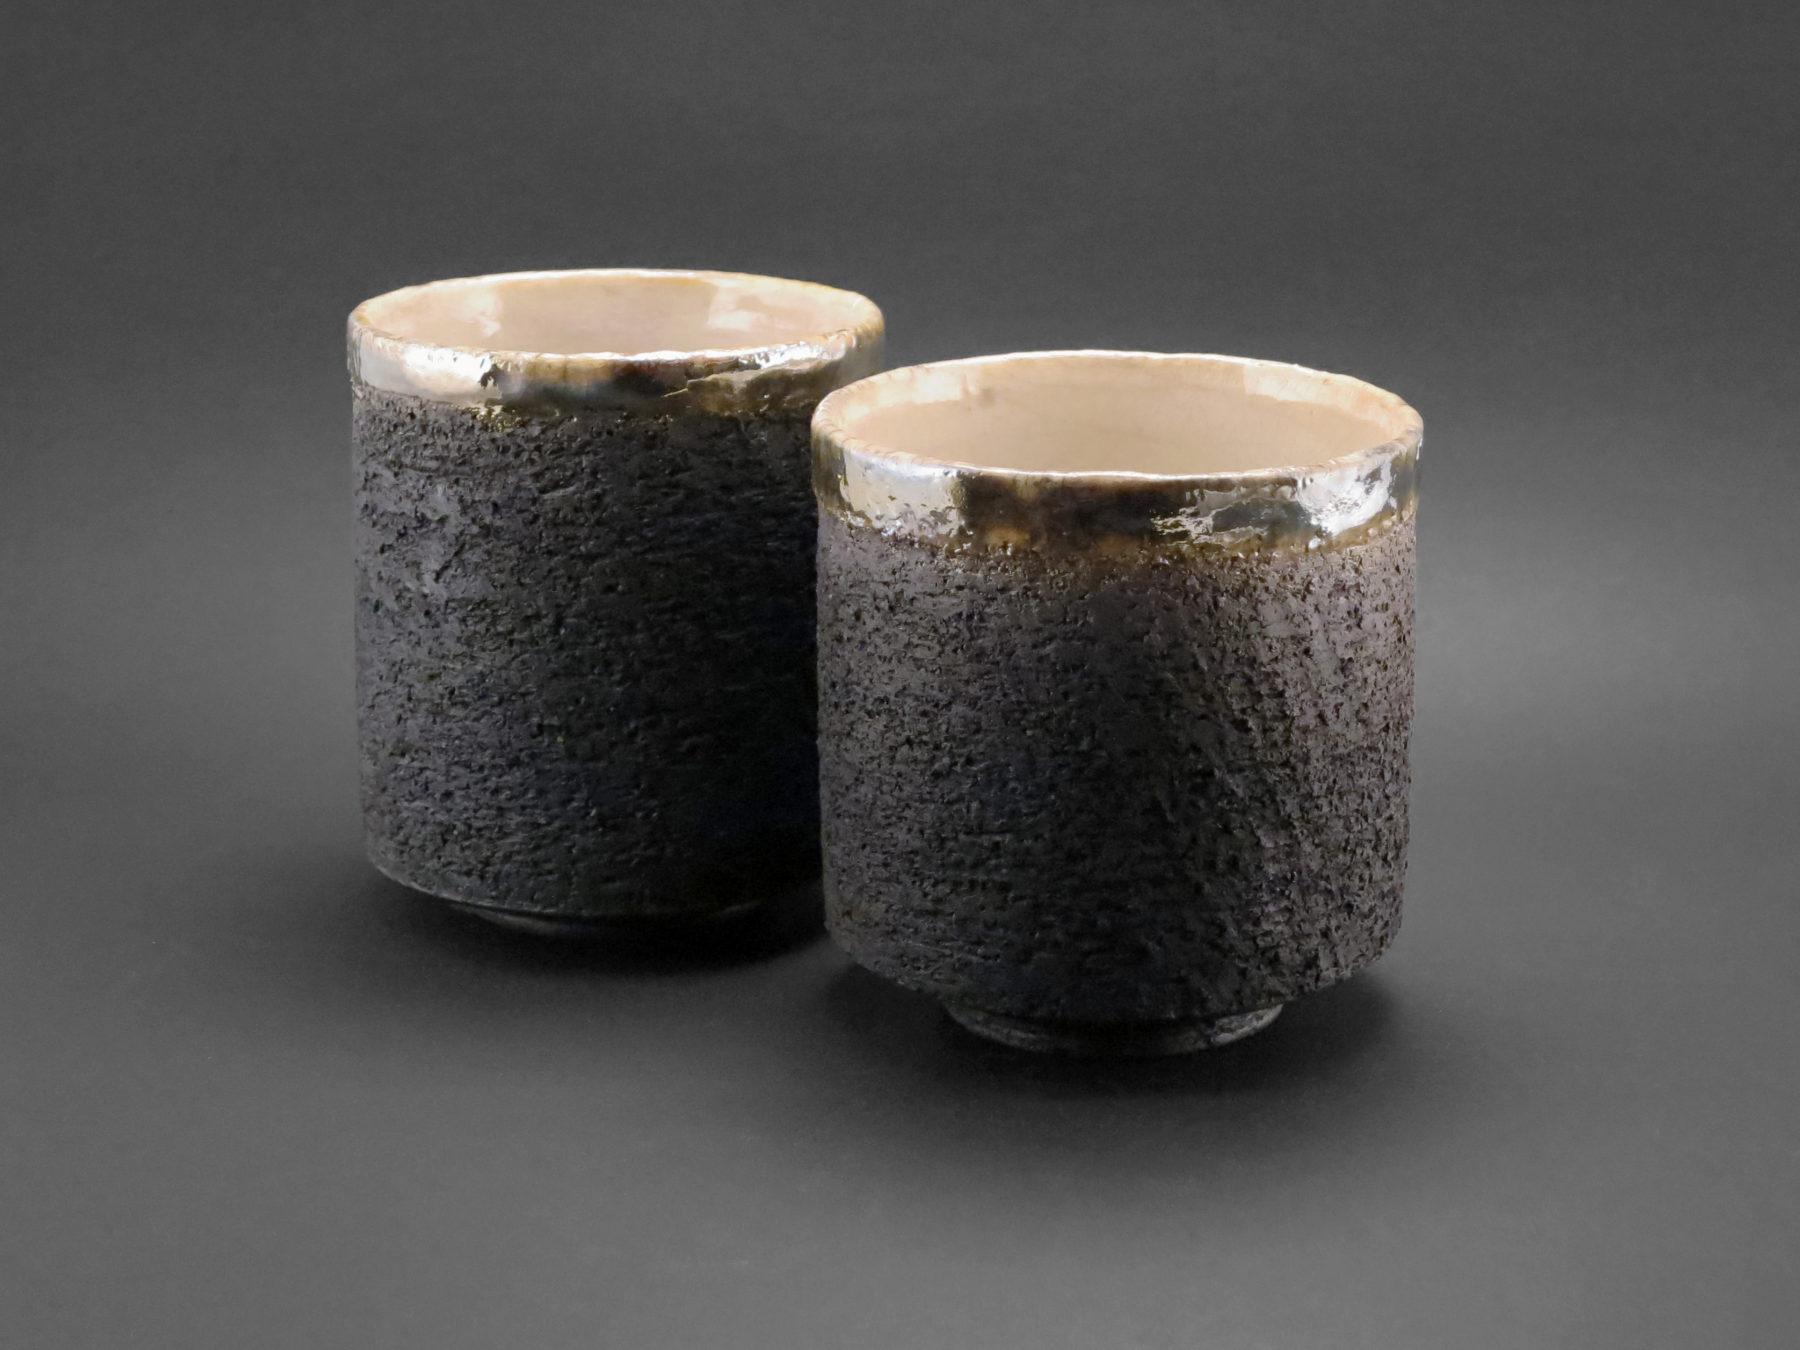 Karbon kapucsínós csészék - Károlyi Ildikó